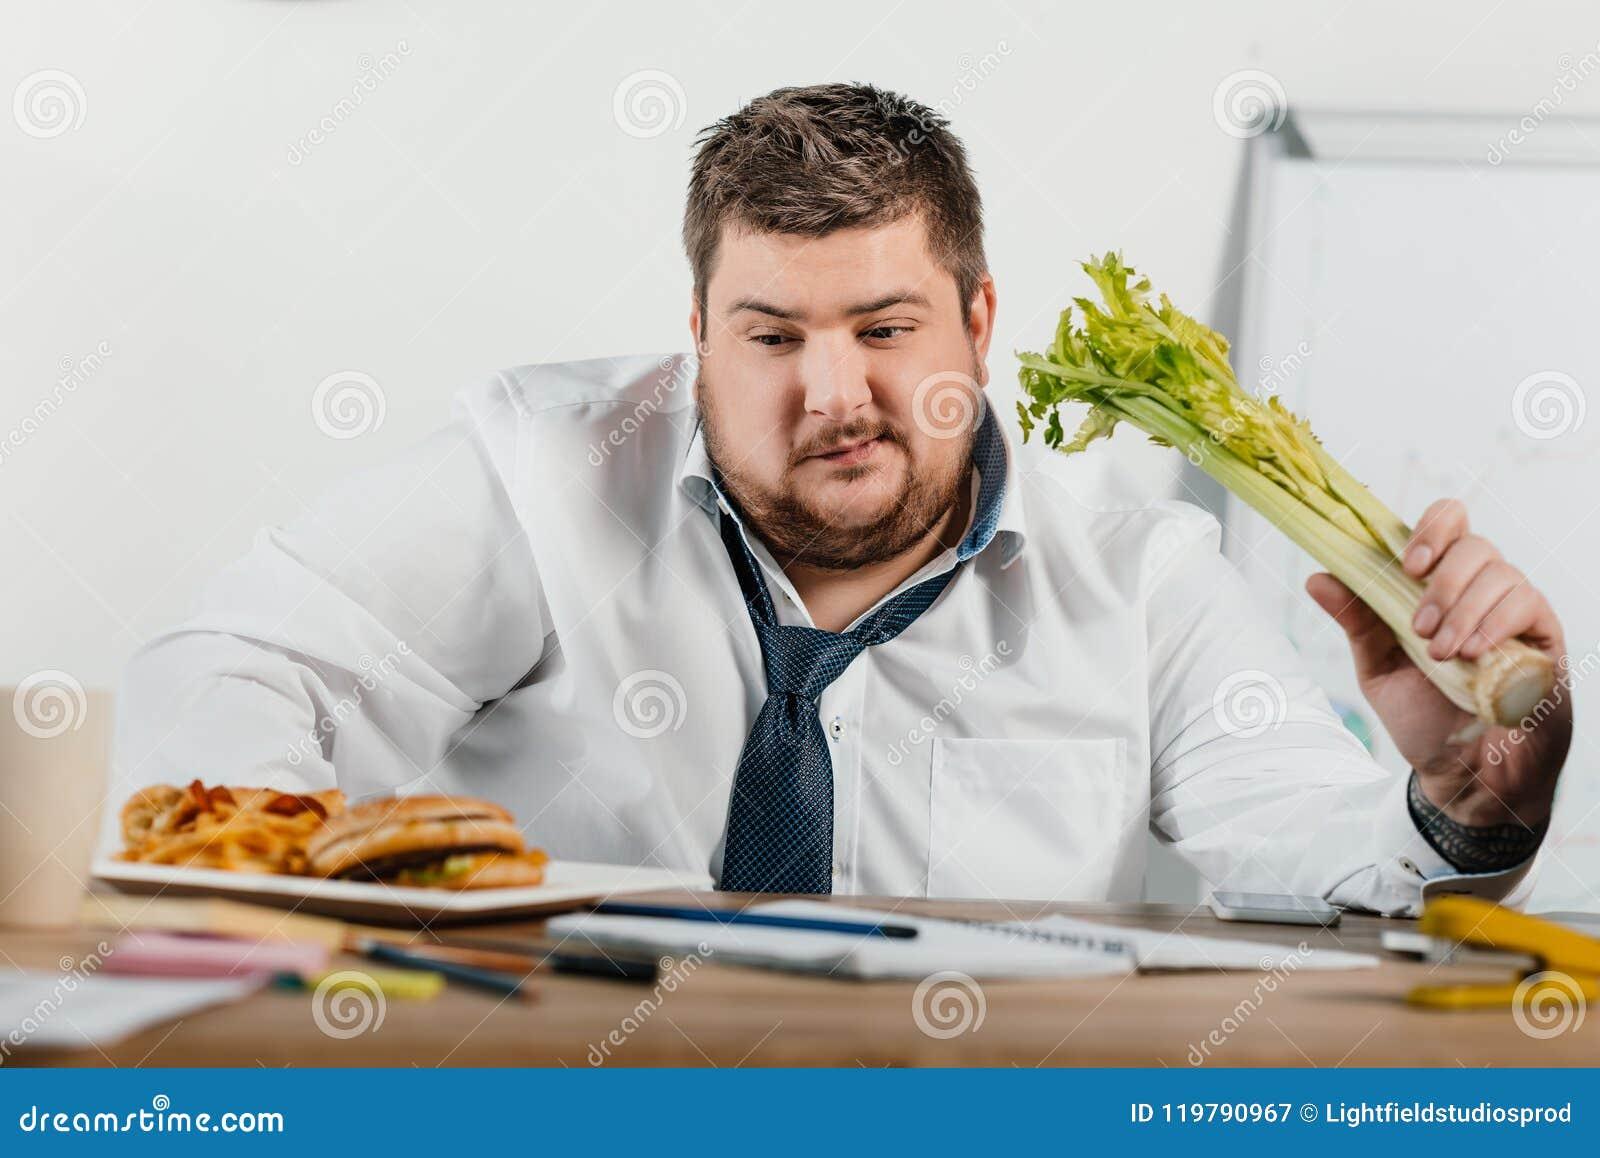 El elegir gordo pensativo del hombre de negocios sano o comida basura en el lugar de trabajo